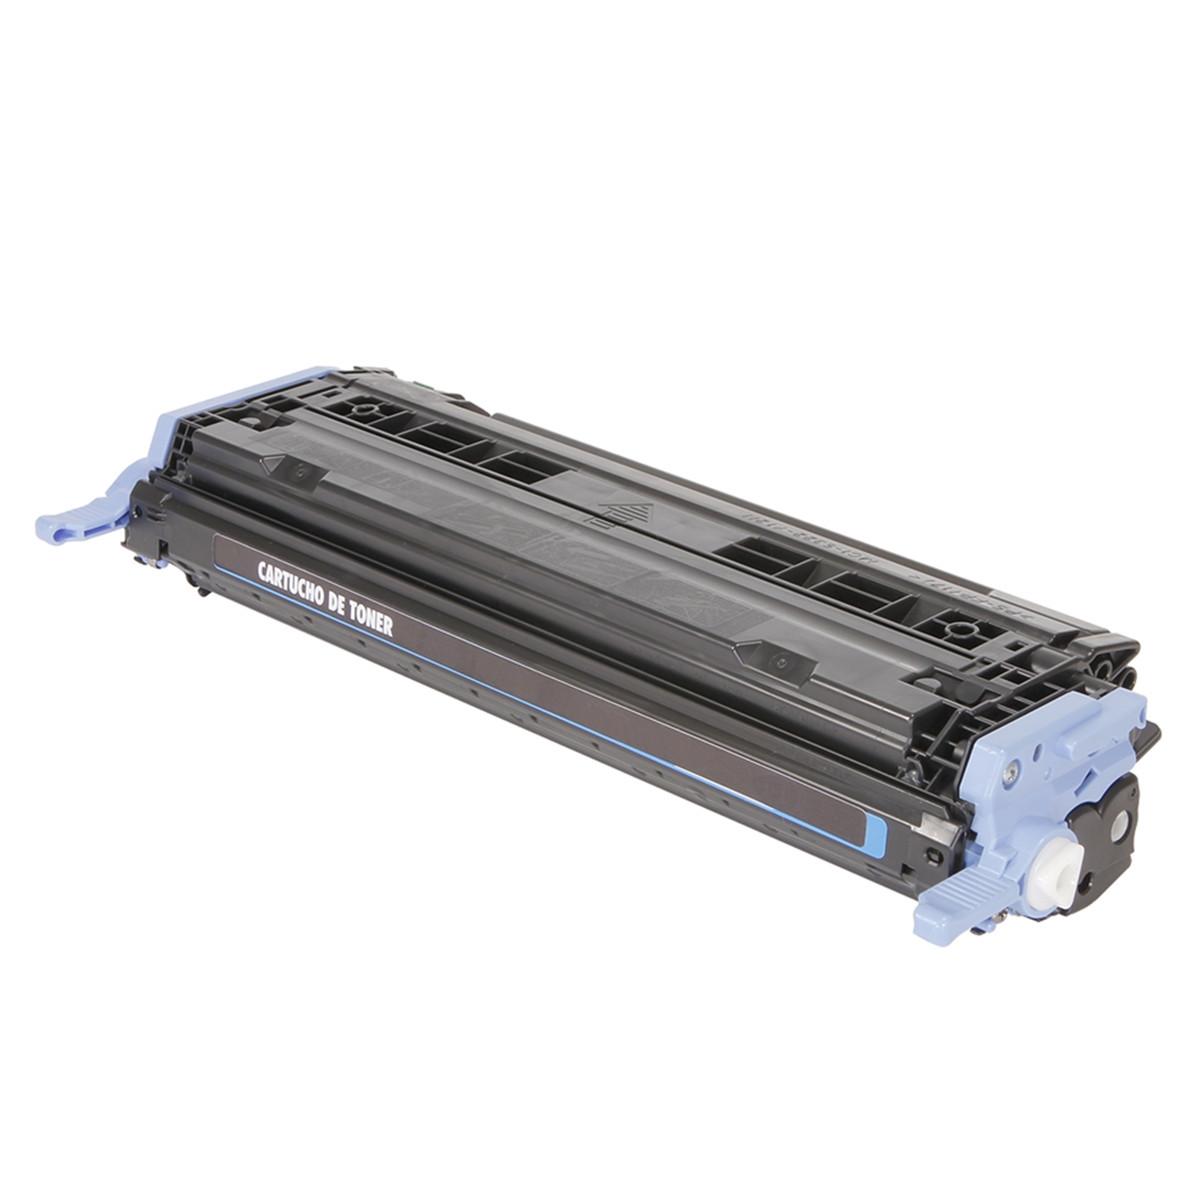 Toner Compatível com HP Q6000A Q6000AB Preto | 2605DN 2600 2600N 2600DTN | Importado 2.5k